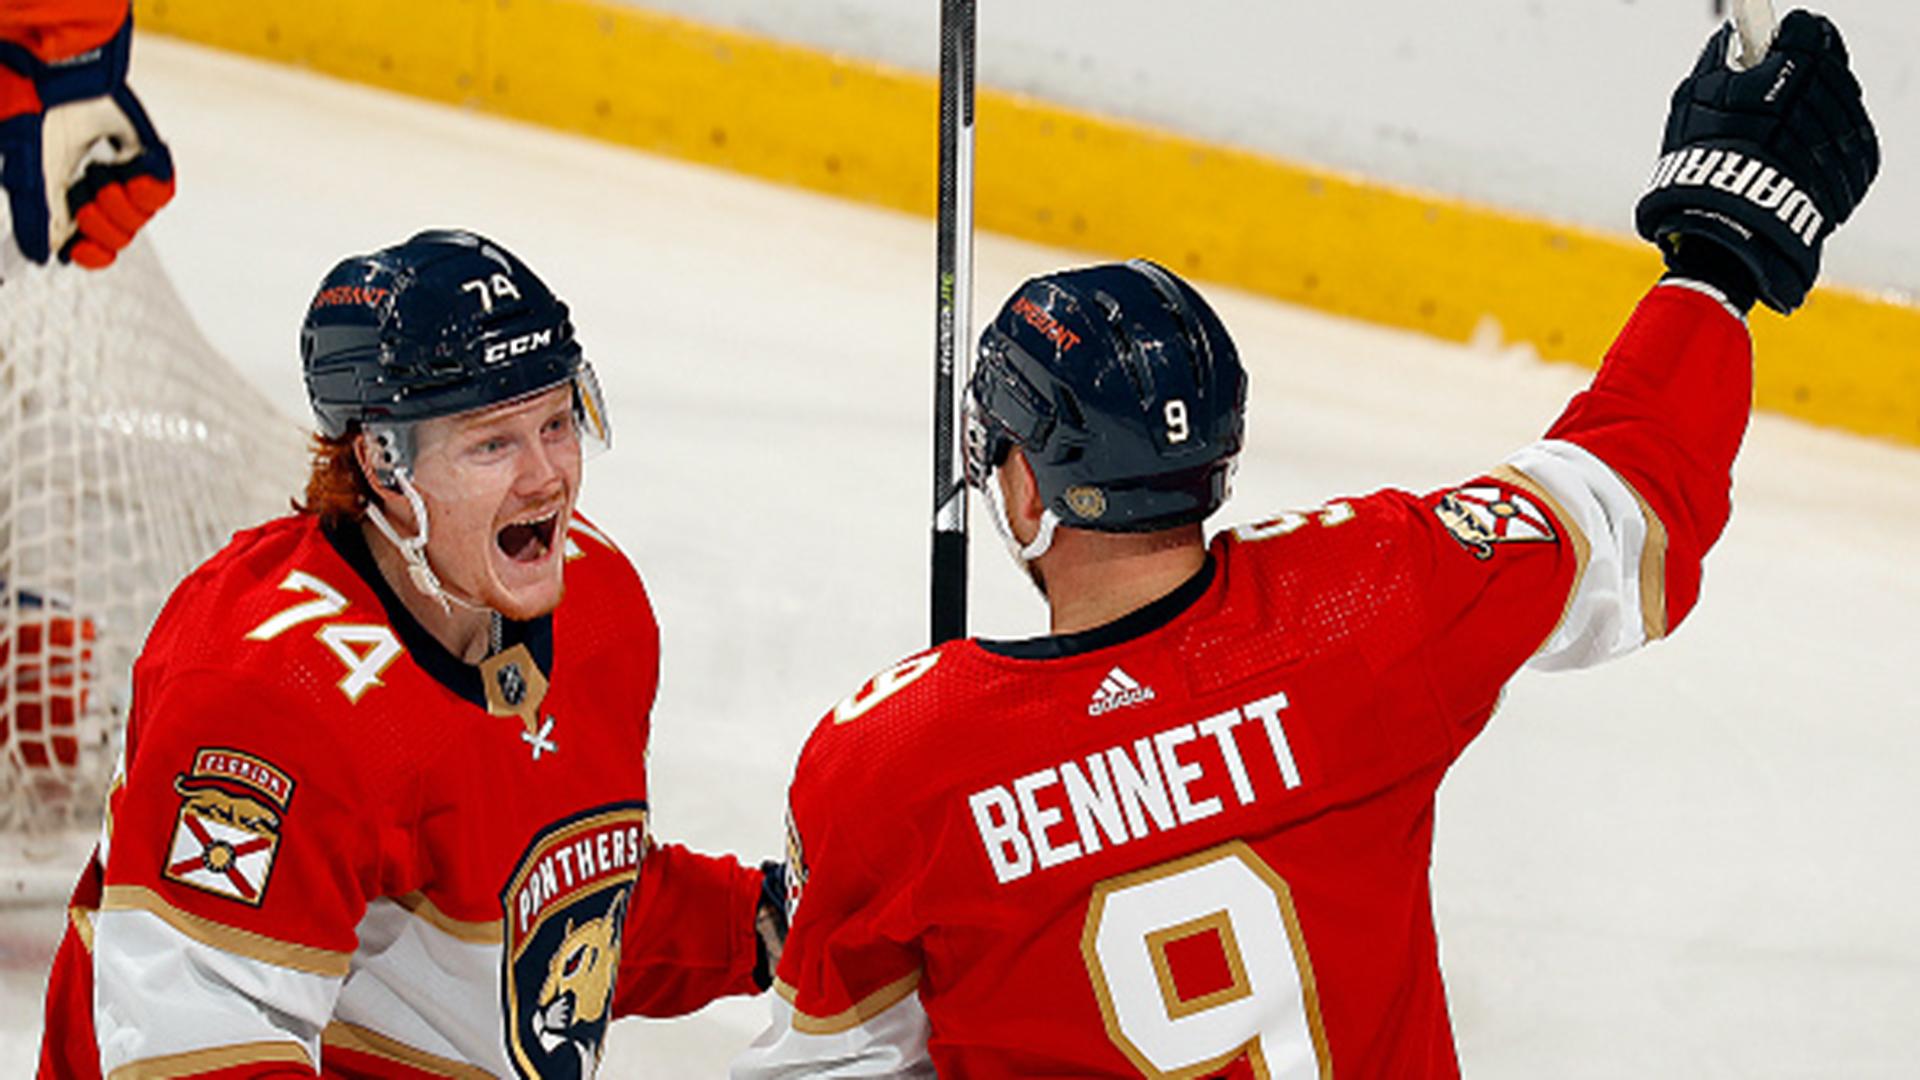 NHL: Islanders 1, Panthers 5